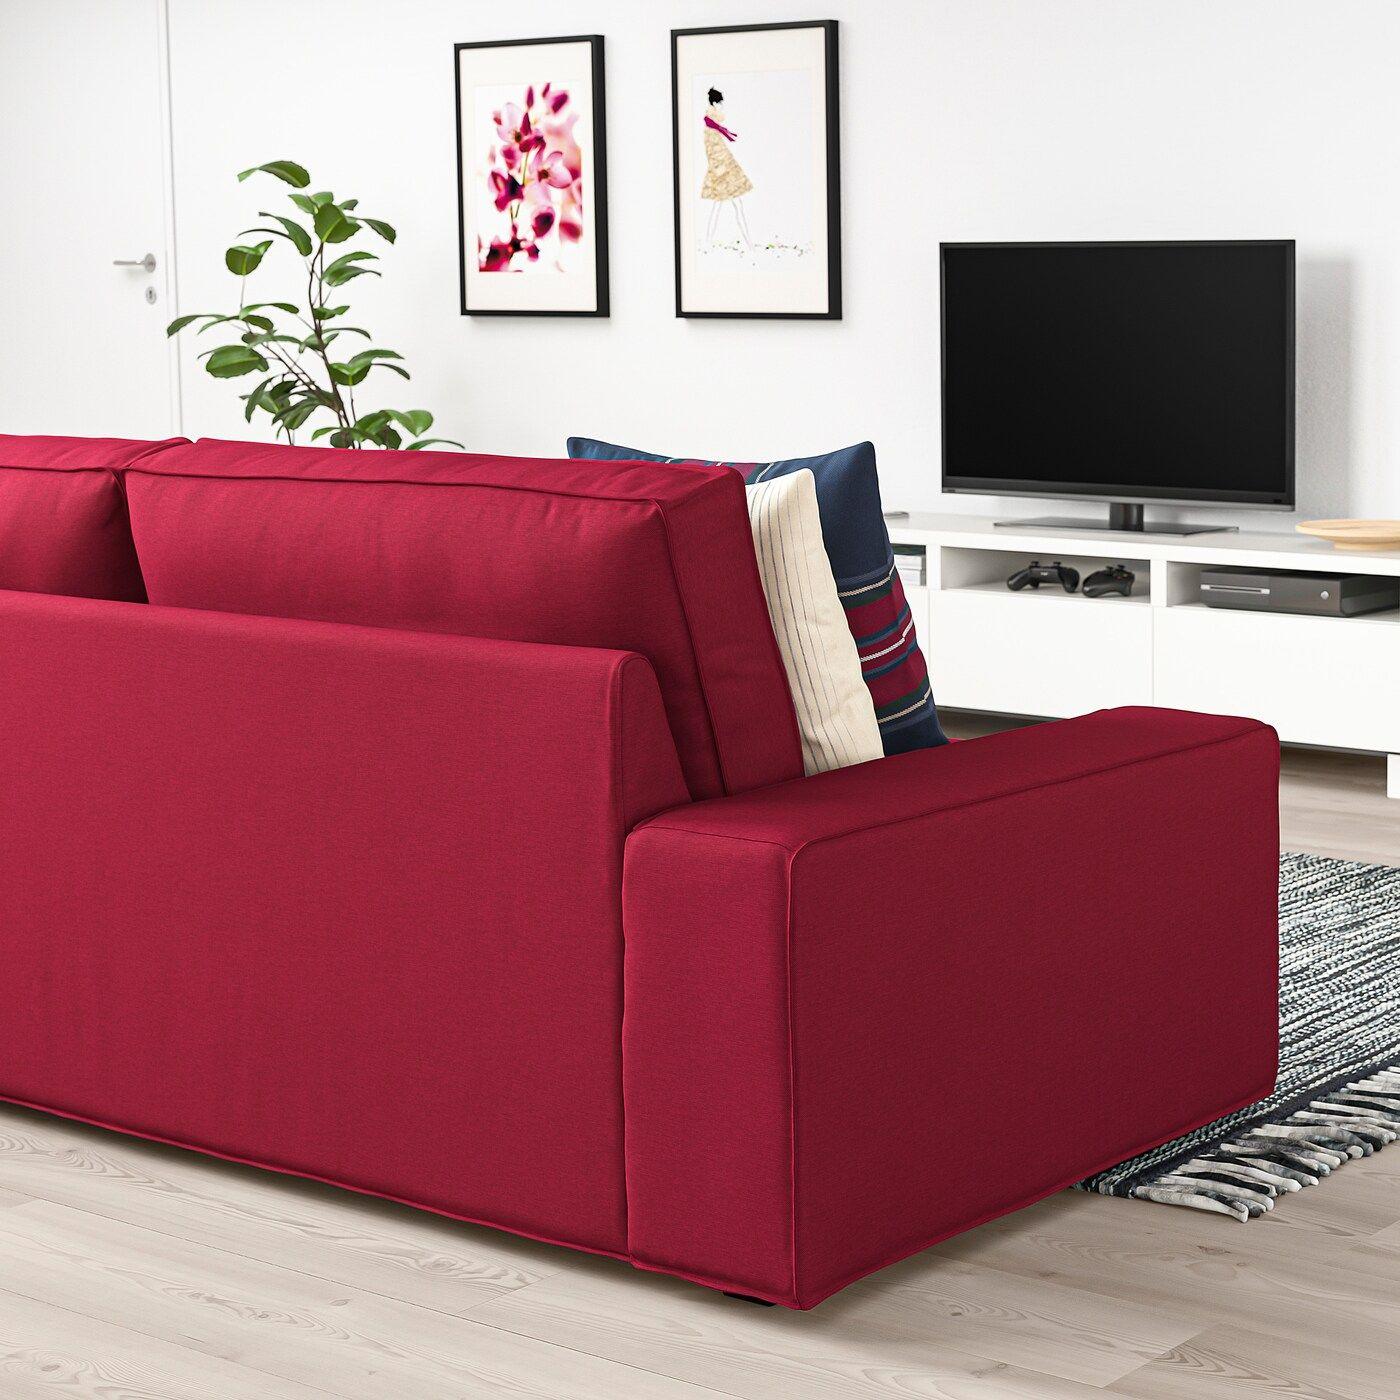 Kivik 3er Sofa Orrsta Rot Ikea Osterreich In 2020 3er Sofa 2er Sofa Sofa